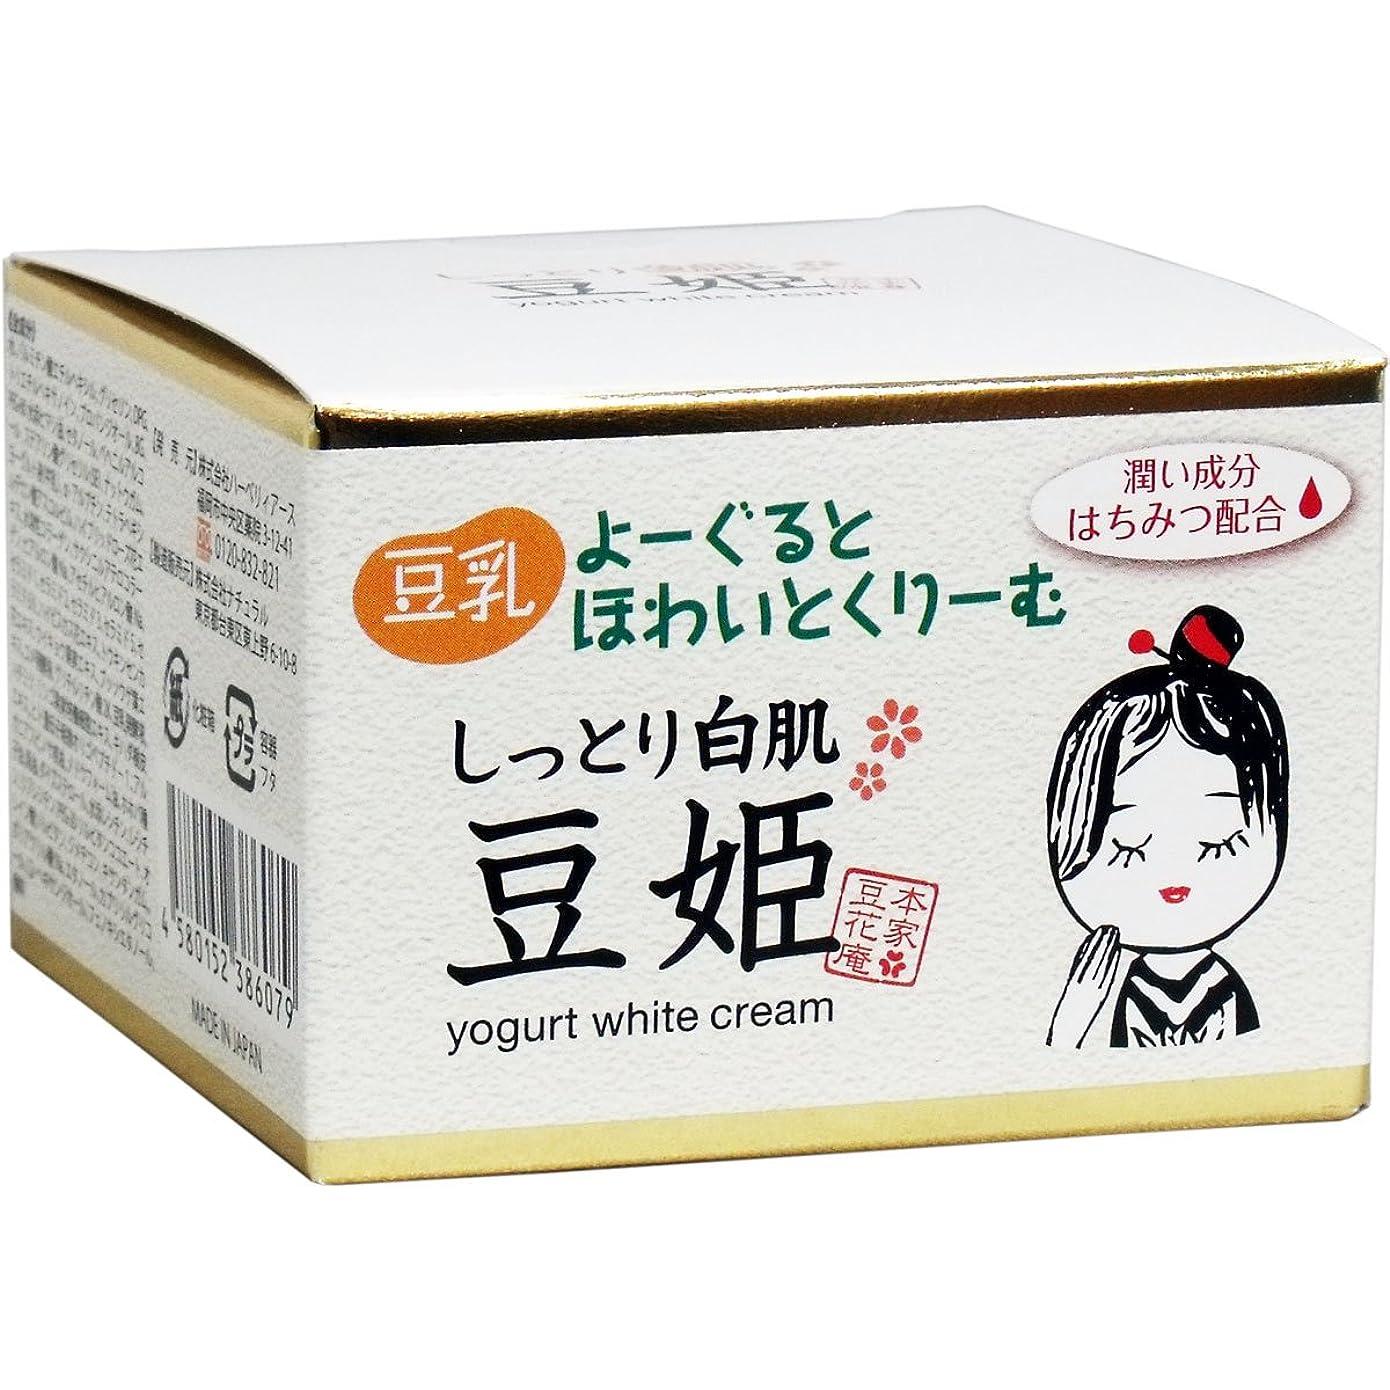 ハドルネックレット調停者豆乳ヨーグルトホワイトクリーム (TYホワイトジェルクリーム 90g)